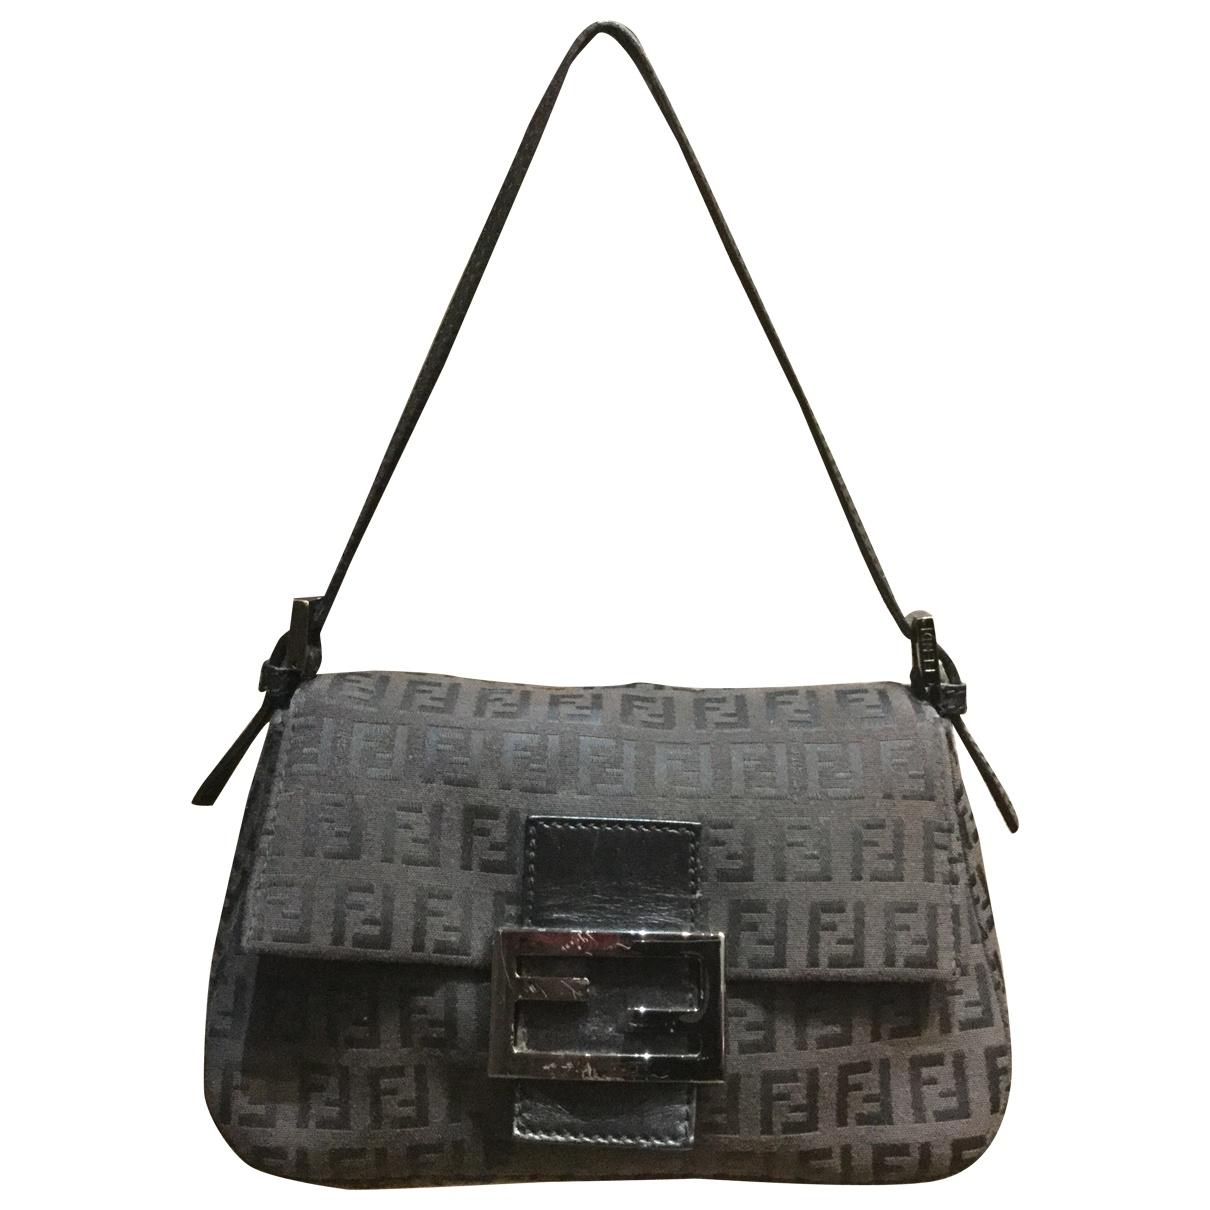 Fendi Baguette Handtasche in Leinen